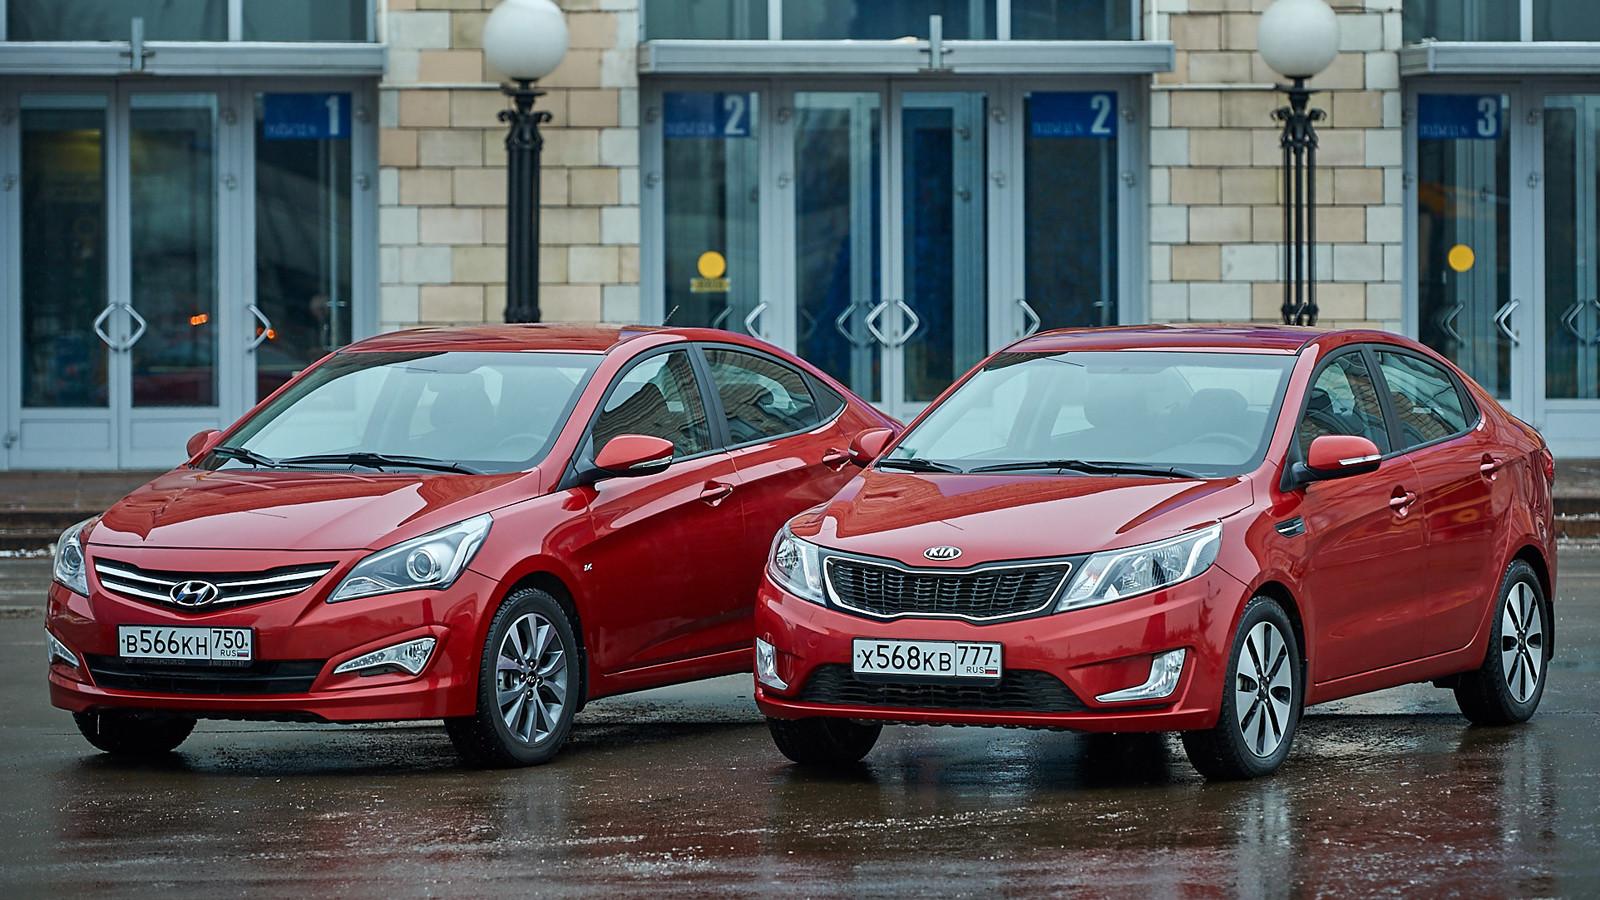 В Российской Федерации названы более часто угоняемые автомобили втечении следующего года